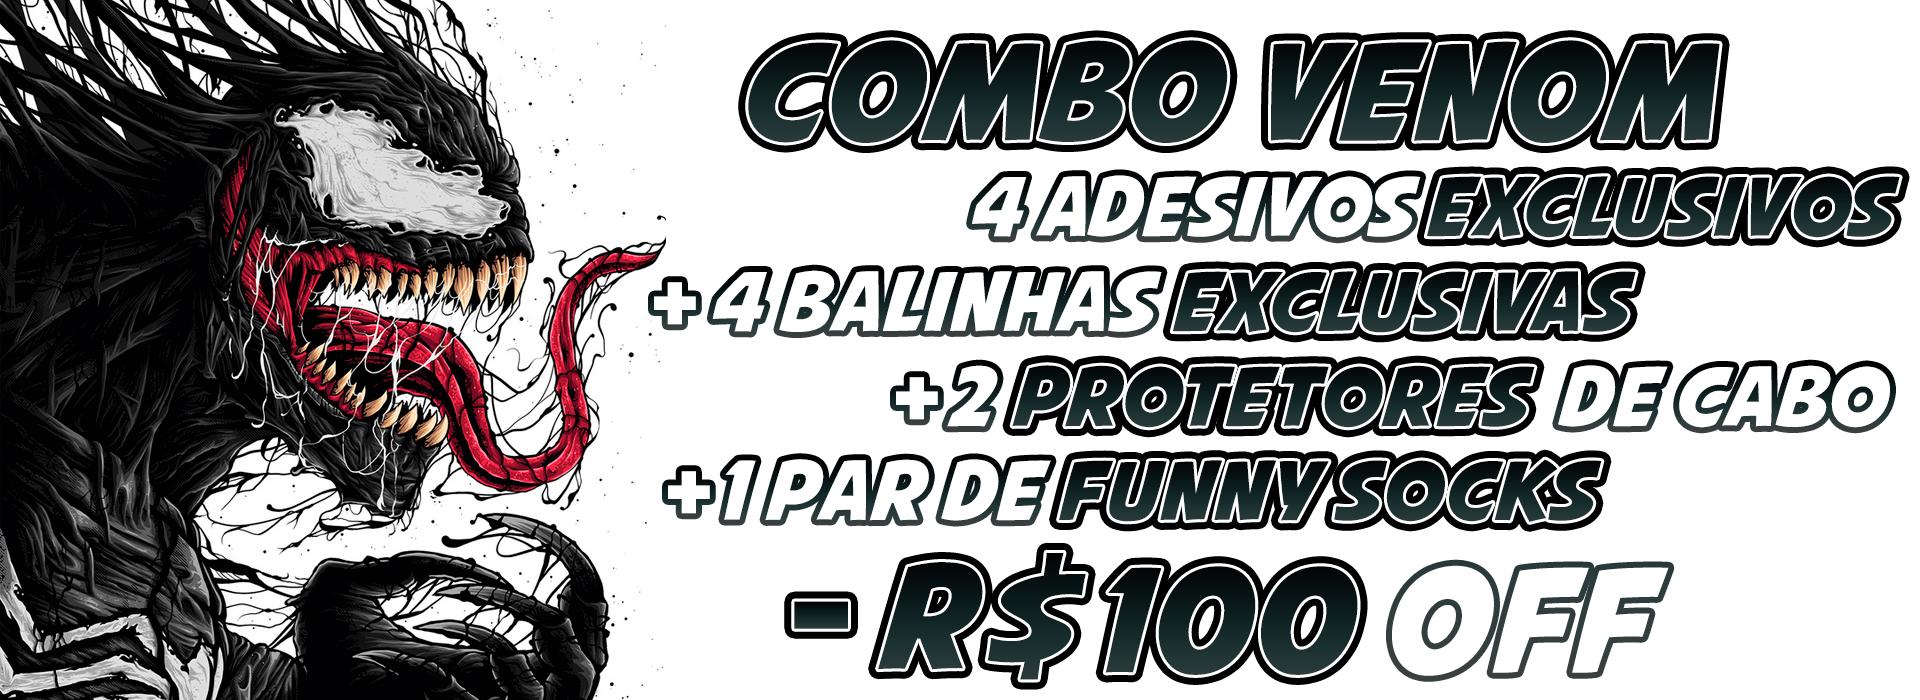 Combo Venom: 3 Cases com R$100 OFF  + Vários Recompensas 🎁🎁🎁